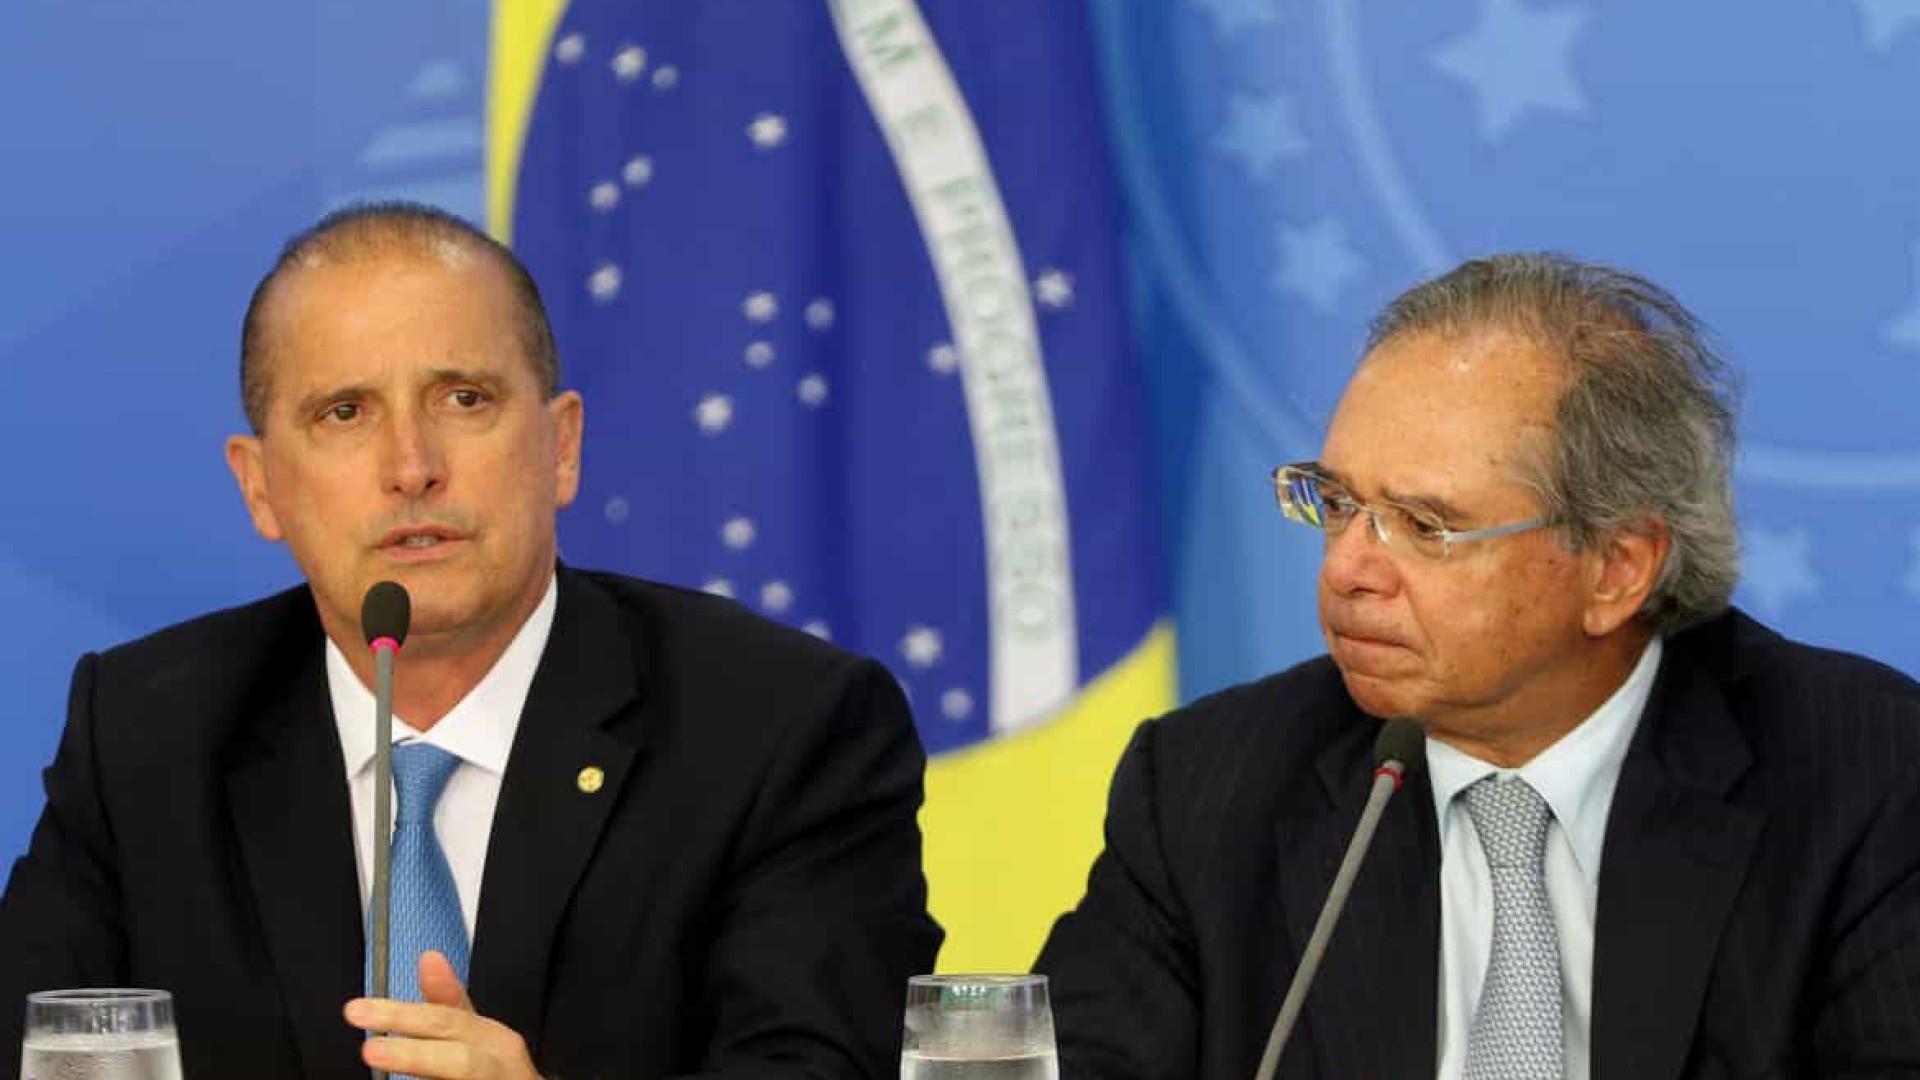 Com sinal verde para venda de estatais, Guedes e Onyx disputam programa de privatização do governo